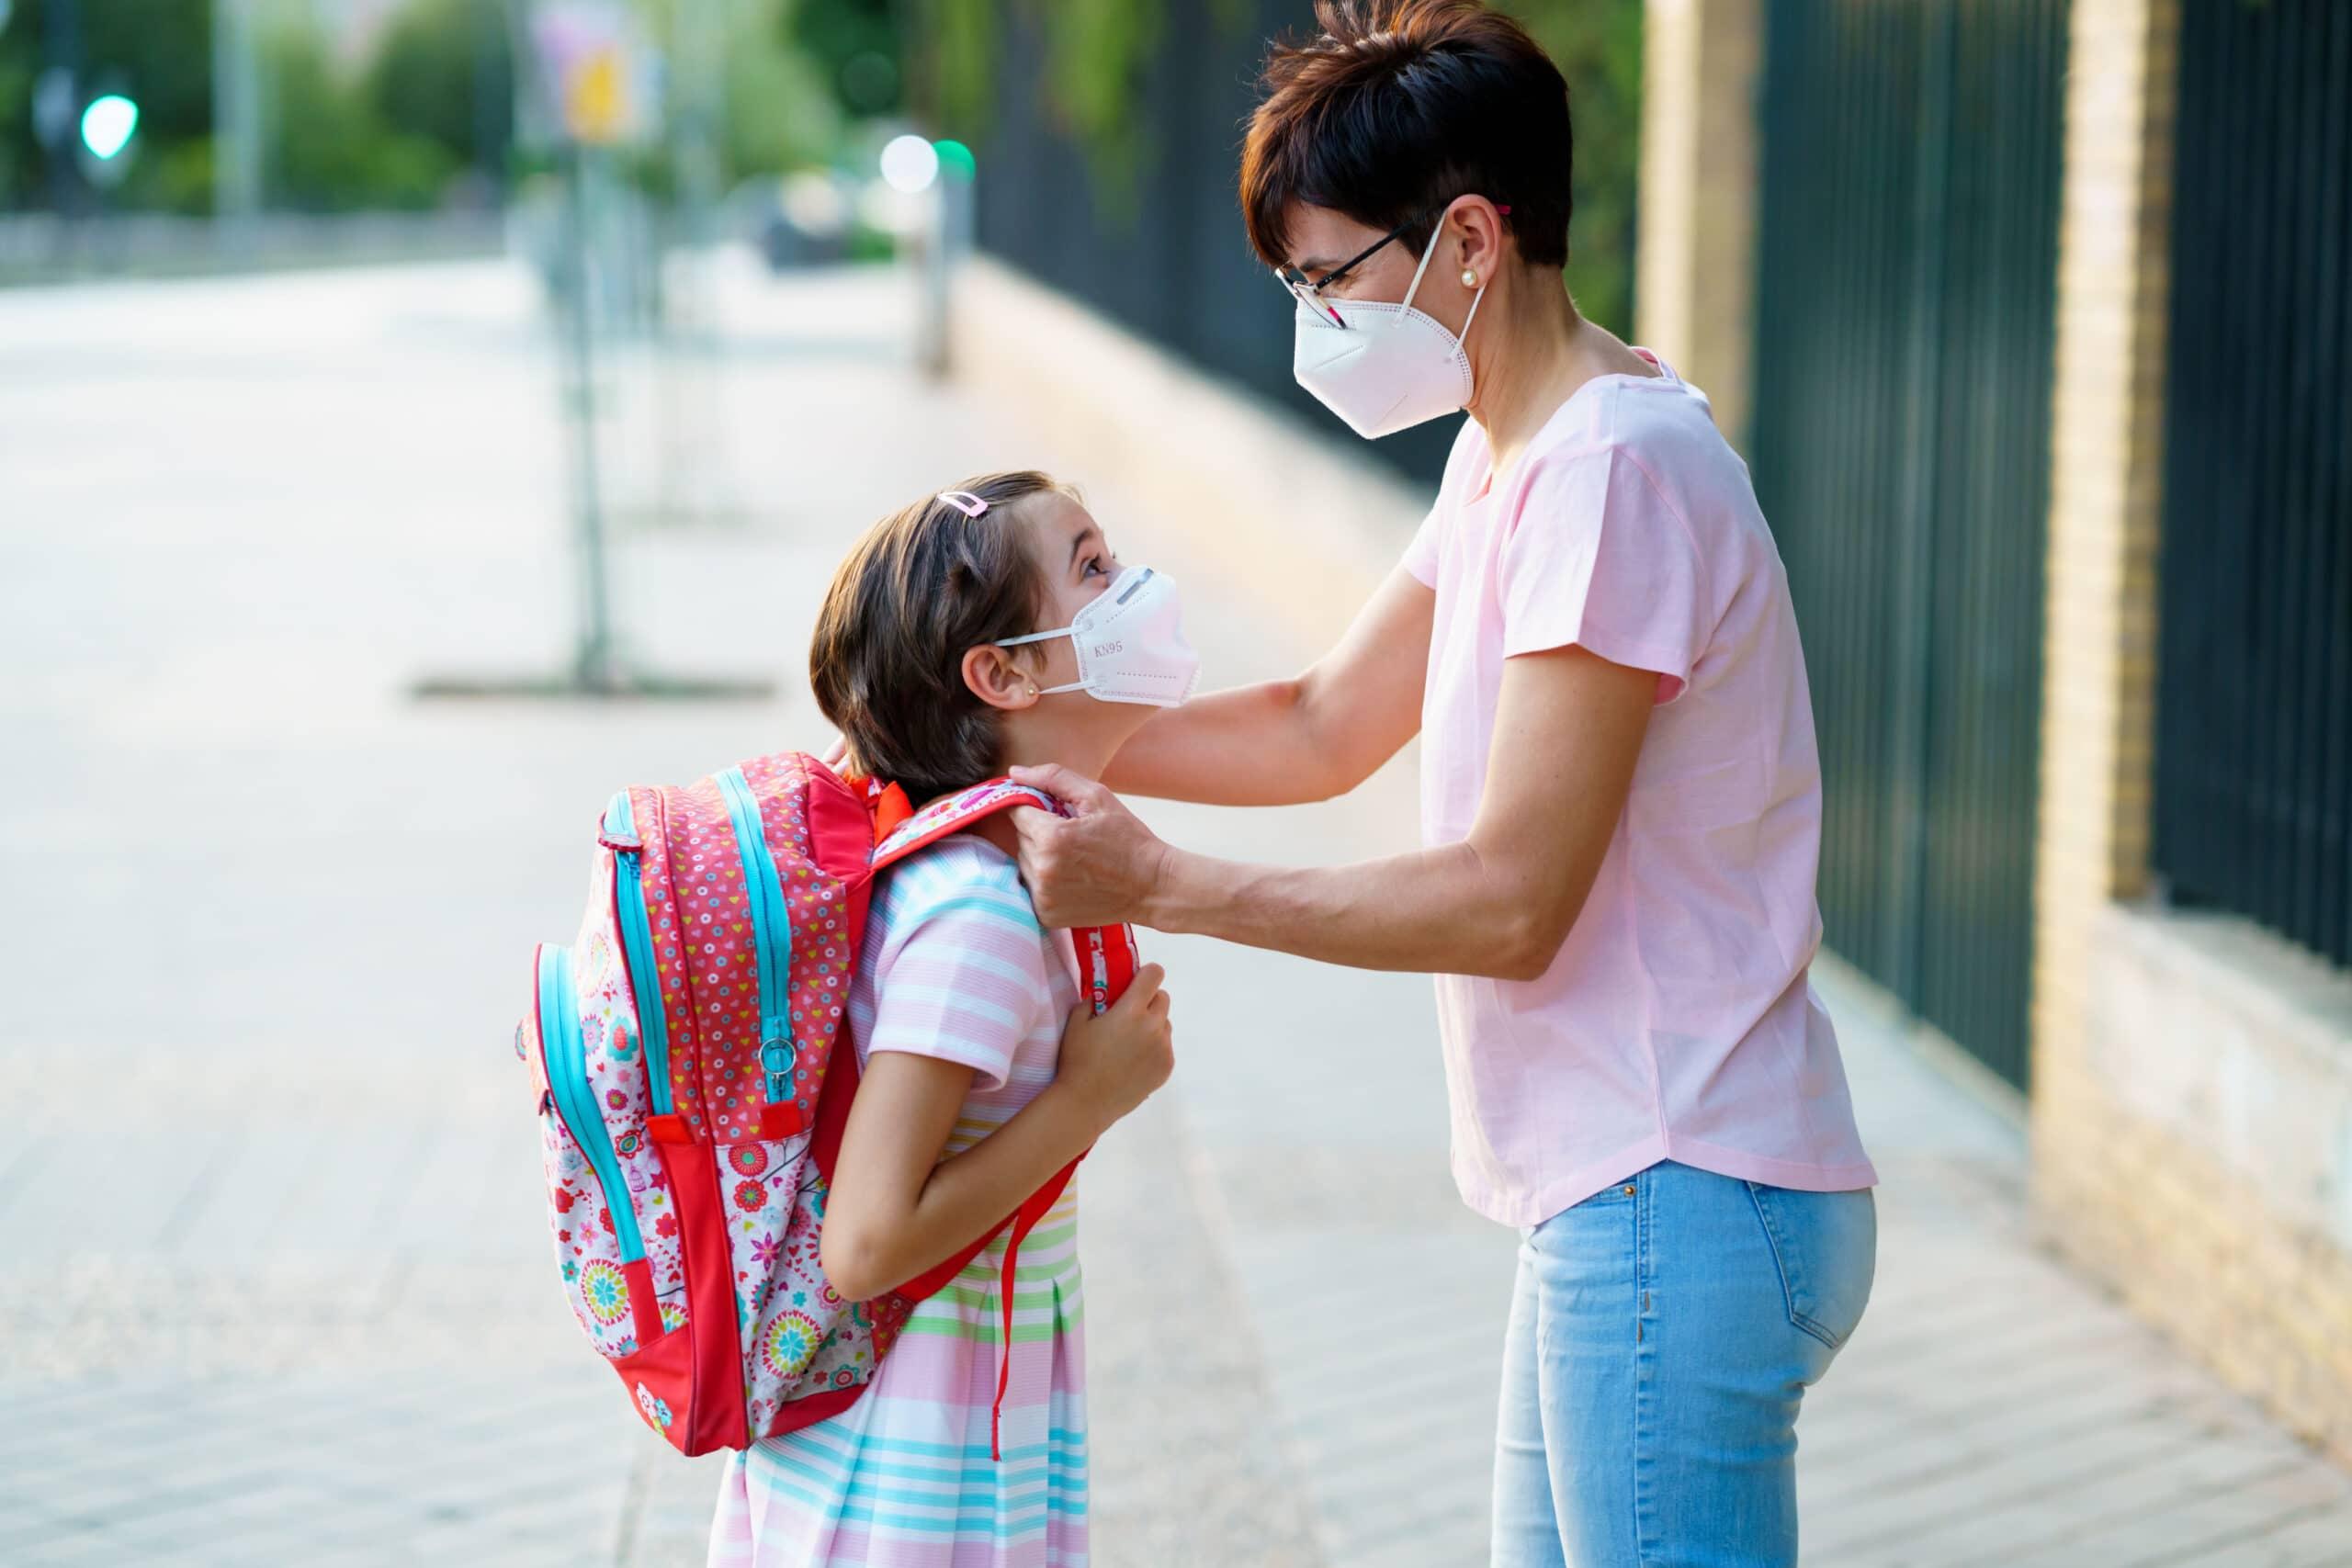 7 Ways to Prepare a Child